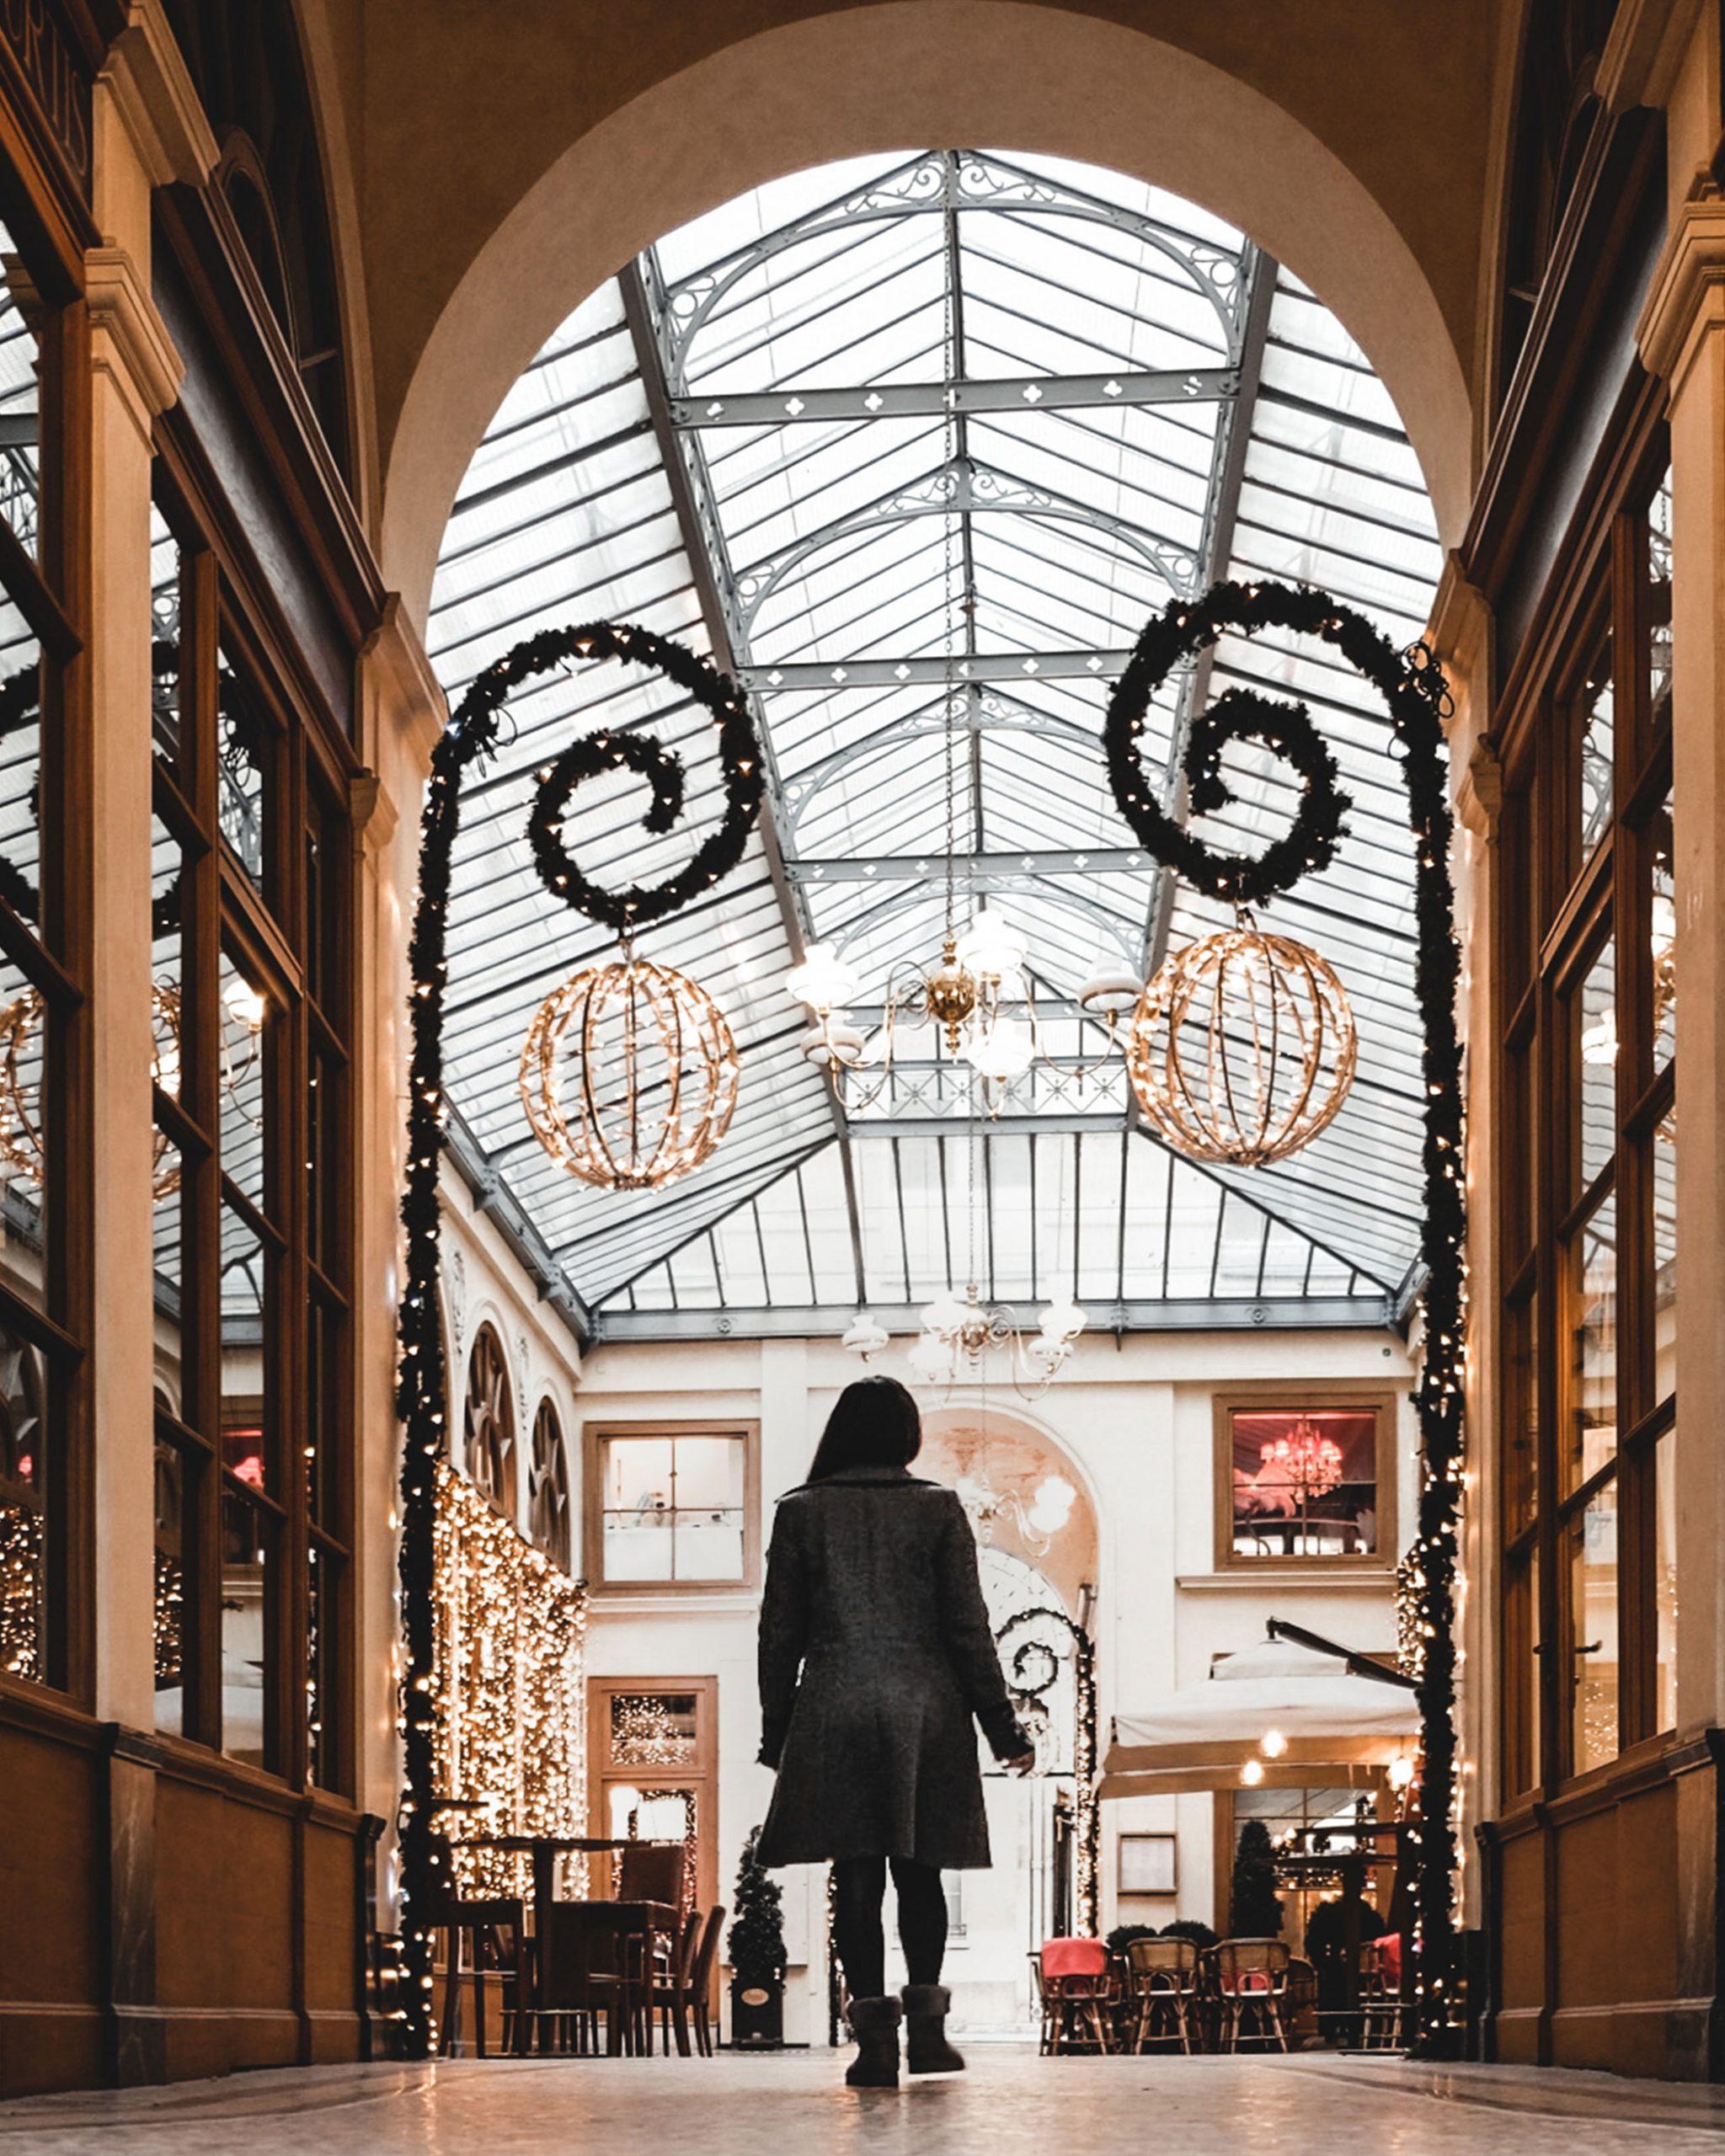 Galerie Vivienne, Paris, Passage de Paris. Parcours de Noël  à paris. Les plus belles places à voir pendant la période des fêtes